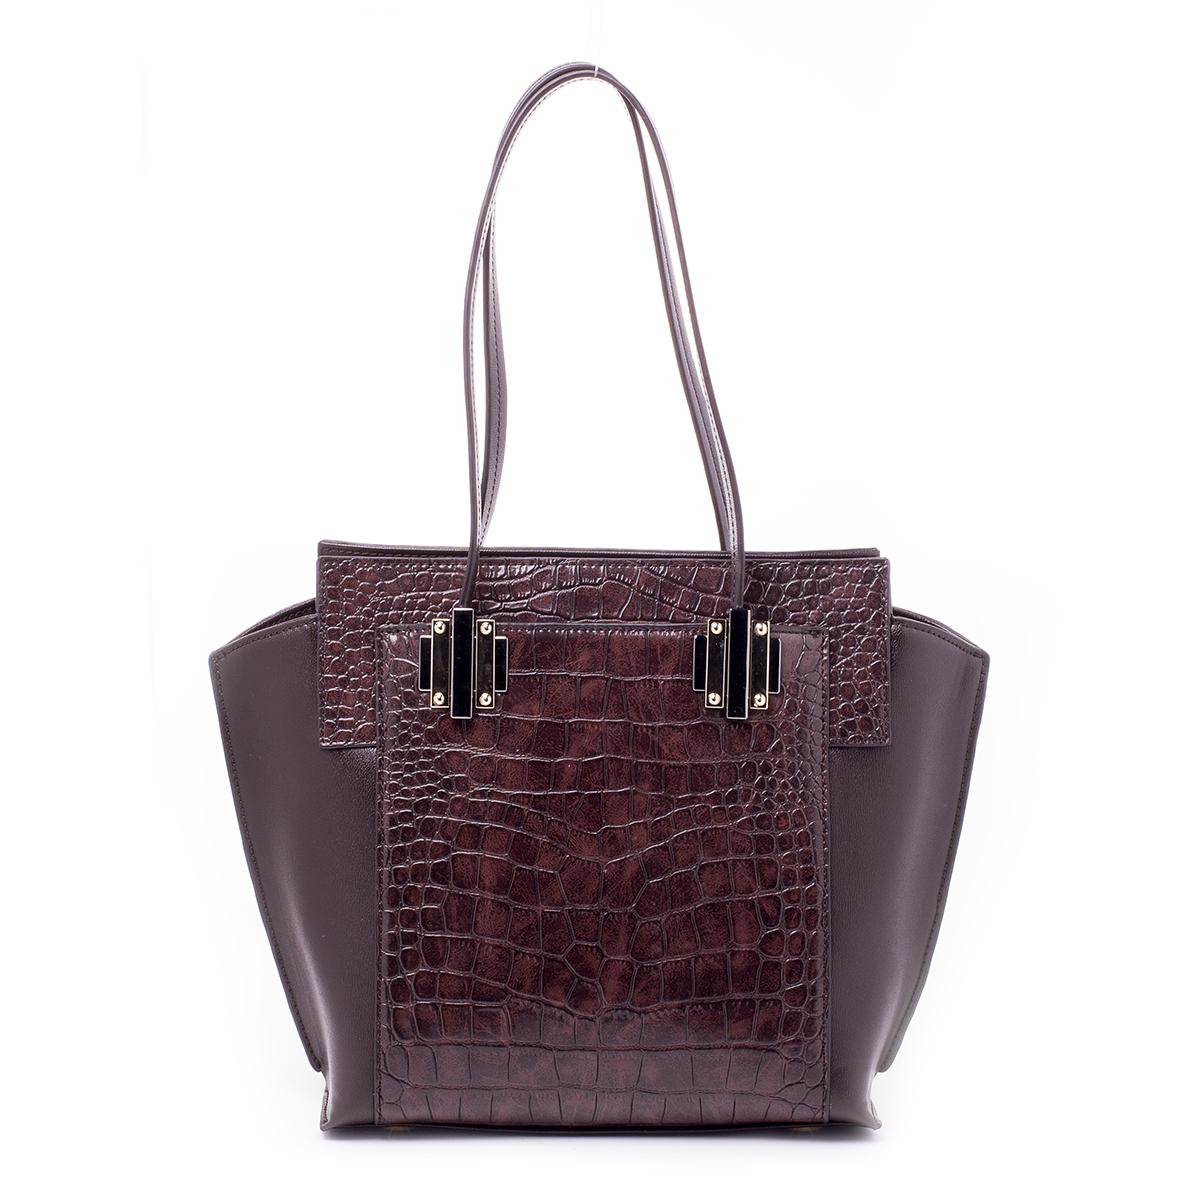 Сумка женская Renee Kler, цвет: коричневый. RF028-03A-B86-05-CСтильная женская сумка Renee Kler выполнена из качественной искусственной кожи. Поверхность сумки выполнена с декоративным тиснением.Сумка имеет одно отделение и застегивается на молнию. Внутри отделения находятся два накладных кармана и один врезной карман на застежке-молнии. С двух сторон сумка дополнена большими накладными карманами на магнитных кнопках. Сумка оснащена двумя удобными ручками на металлической фурнитуре.